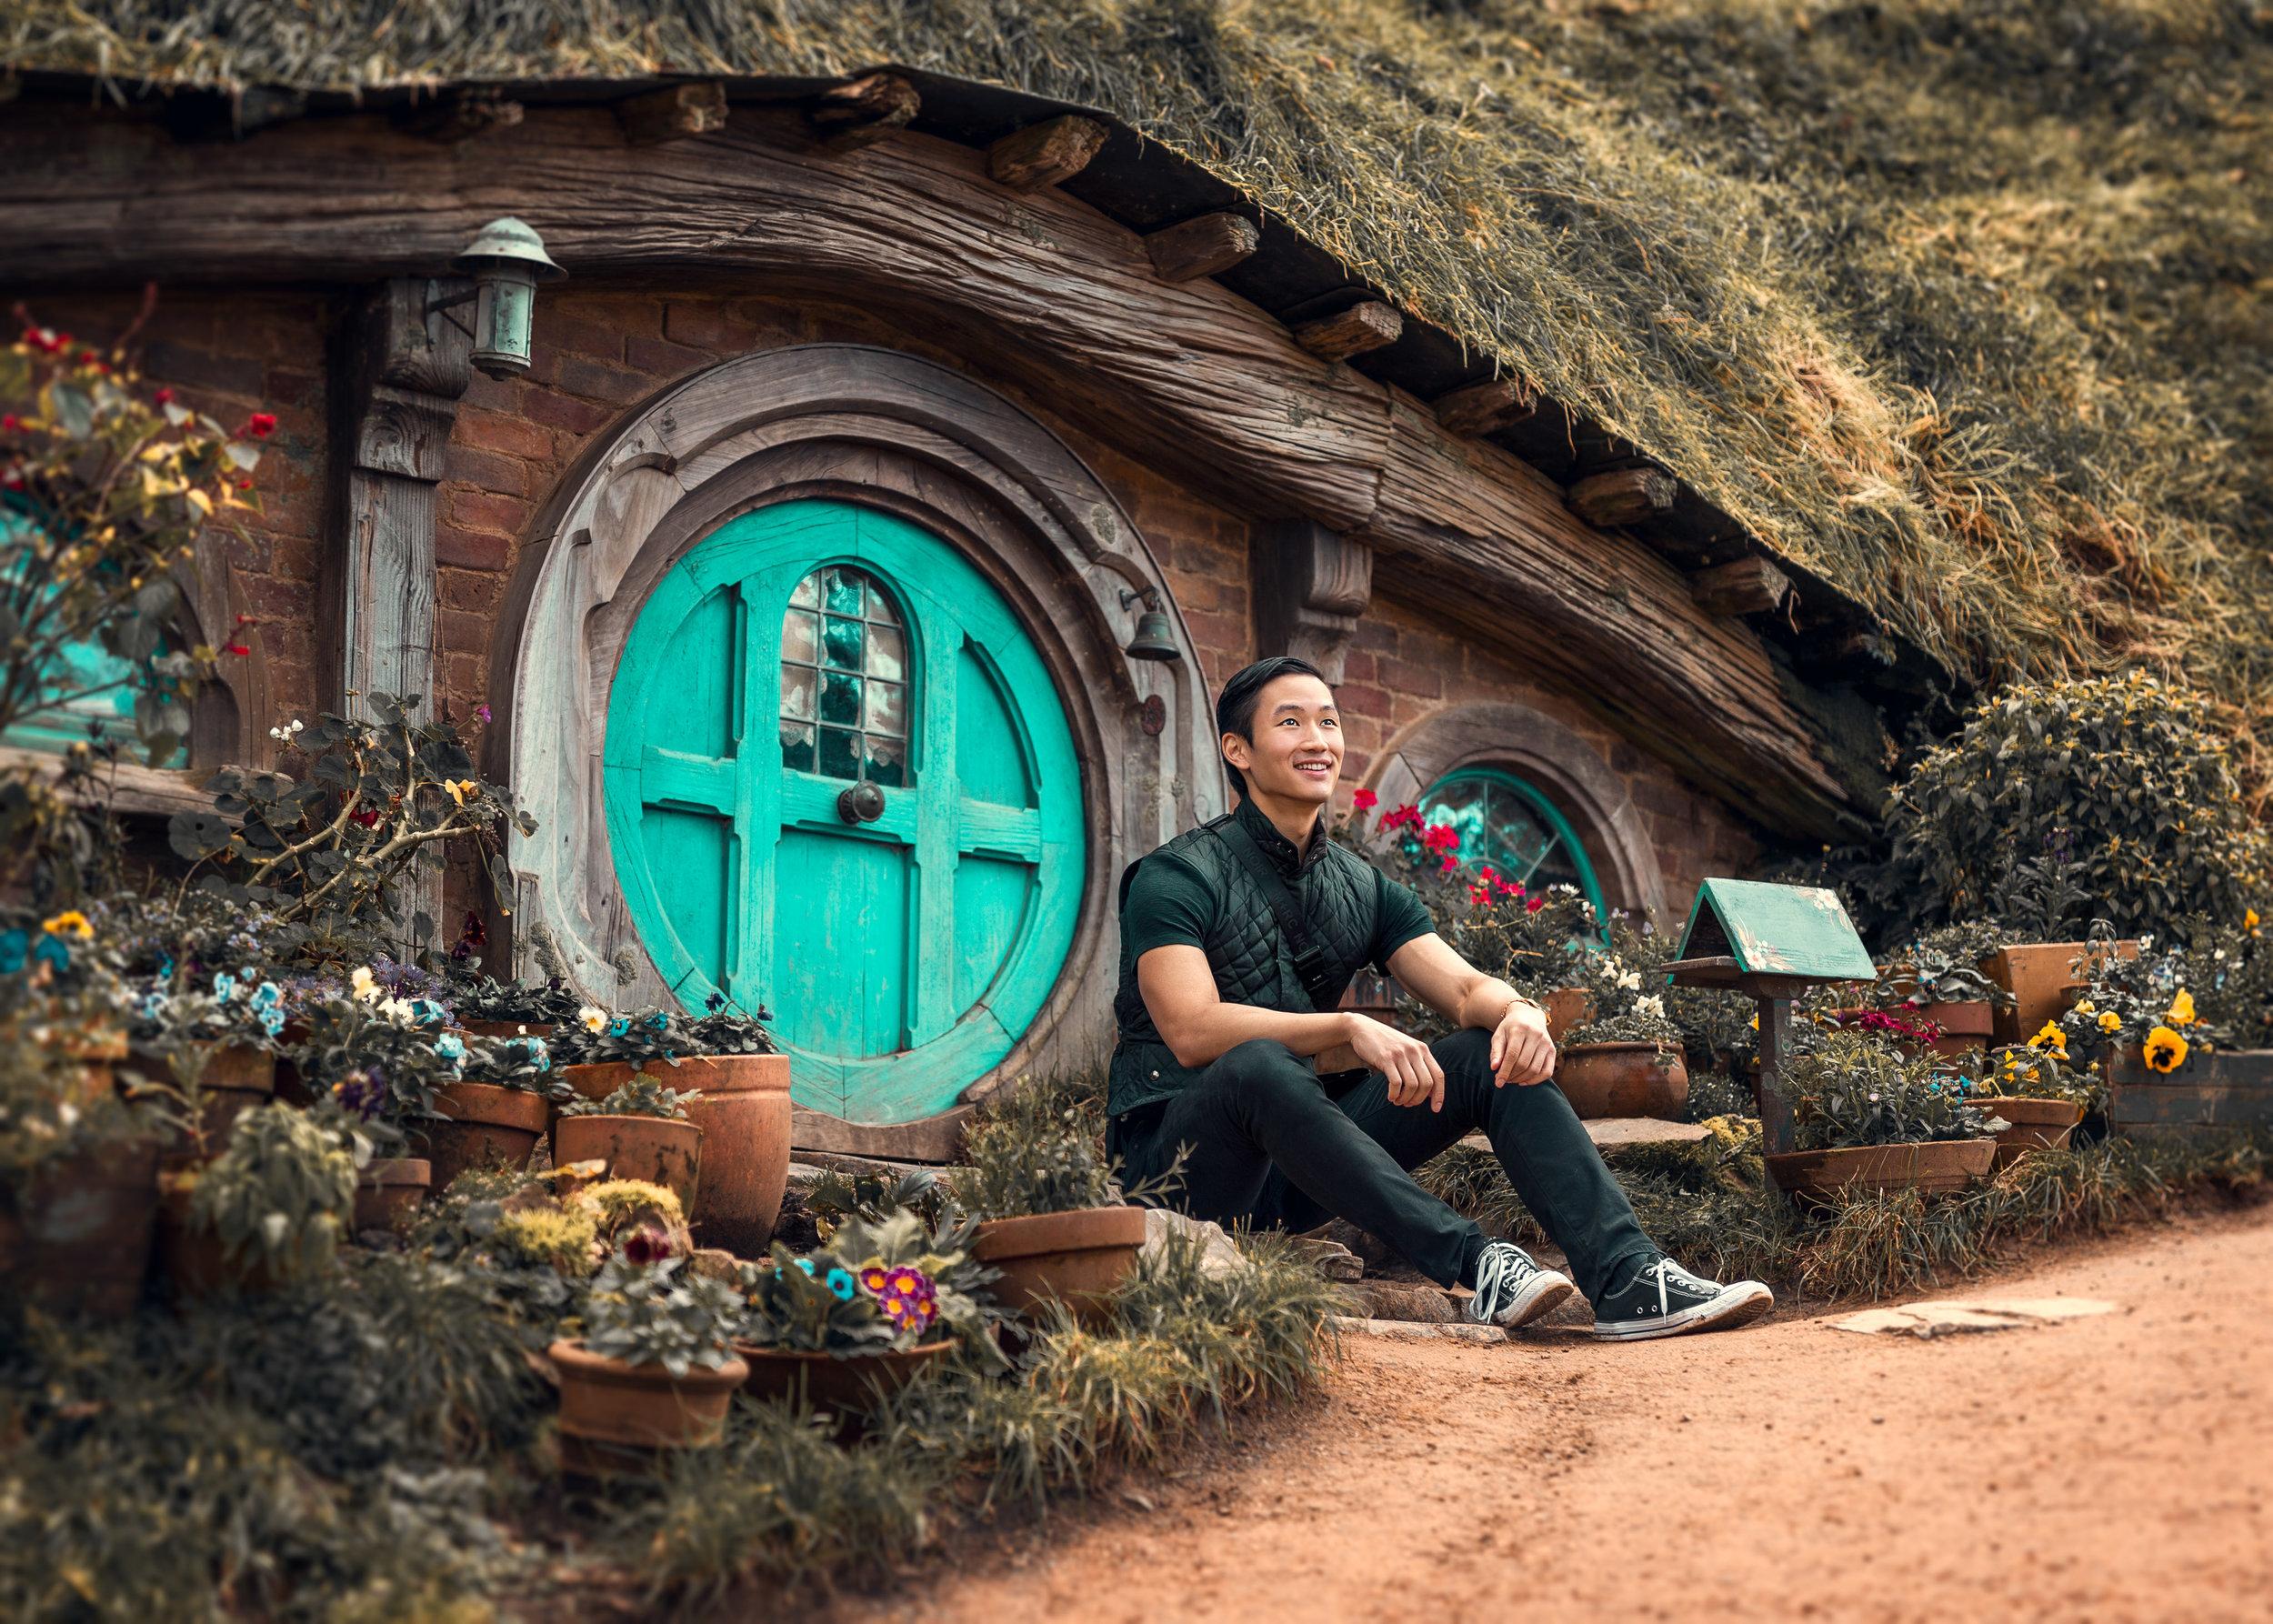 Doctor Ian in Hobbiton, Shire